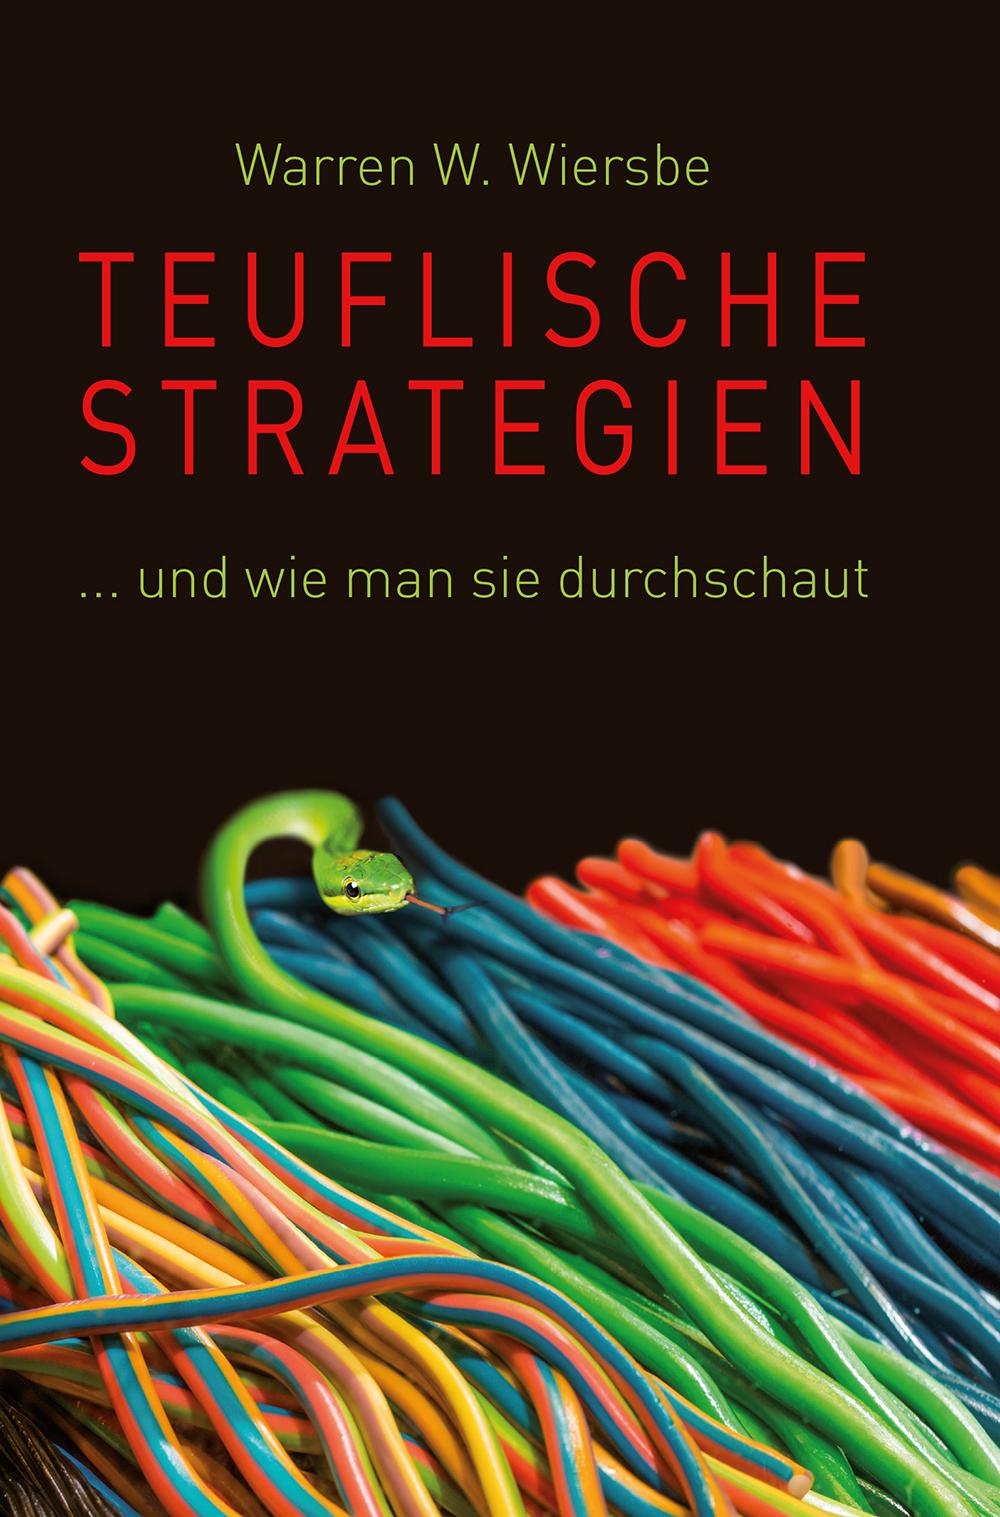 CLV_teuflische-strategien_warren-w-wiersbe_256271_1